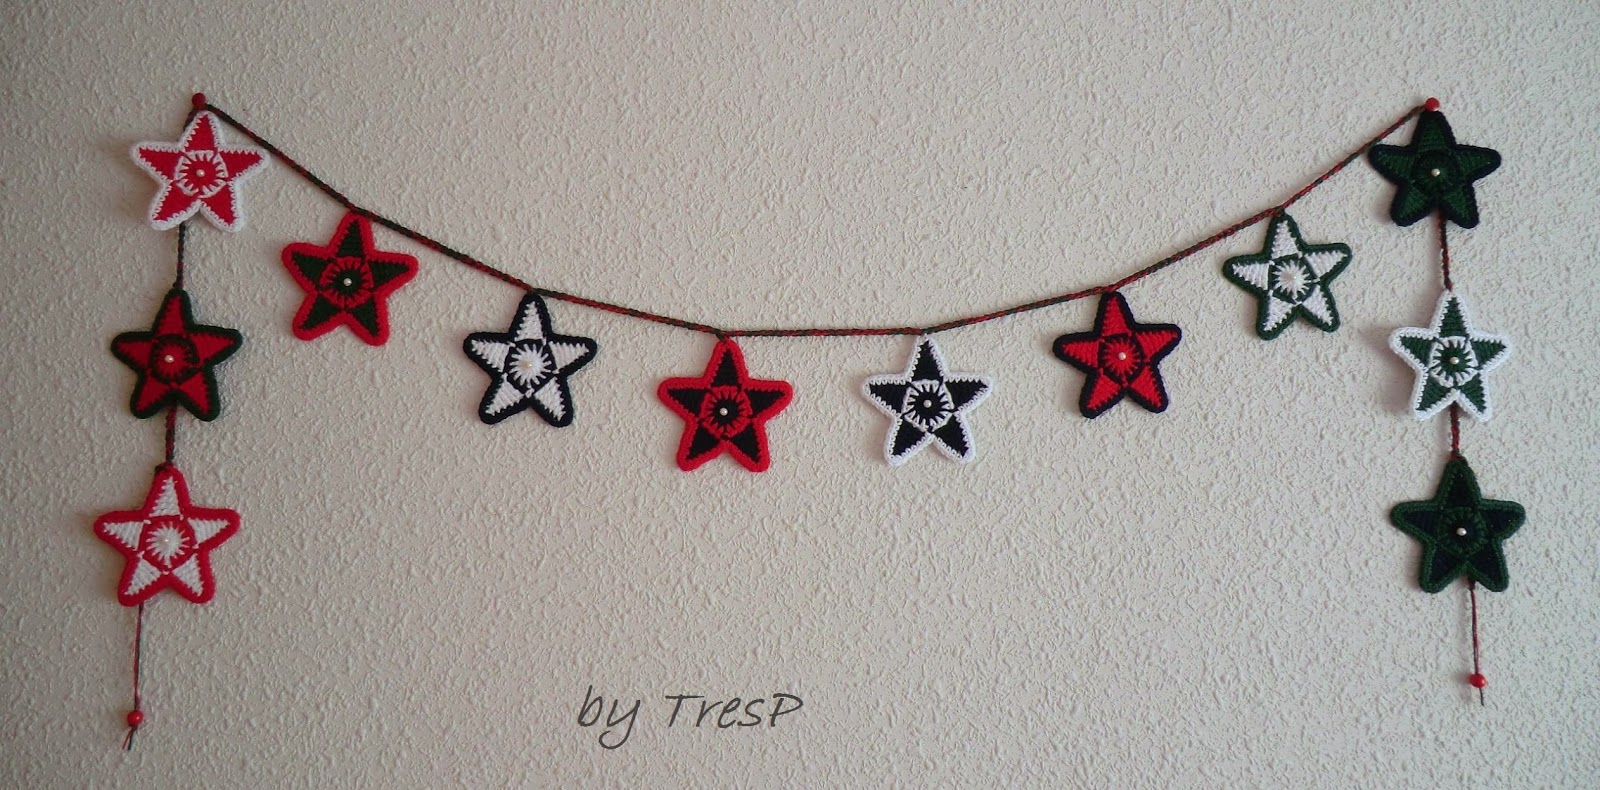 TresP craft blog: GUIRNALDA DE ESTRELLAS EN CROCHET/GANCHILLO (TUTORIAL)